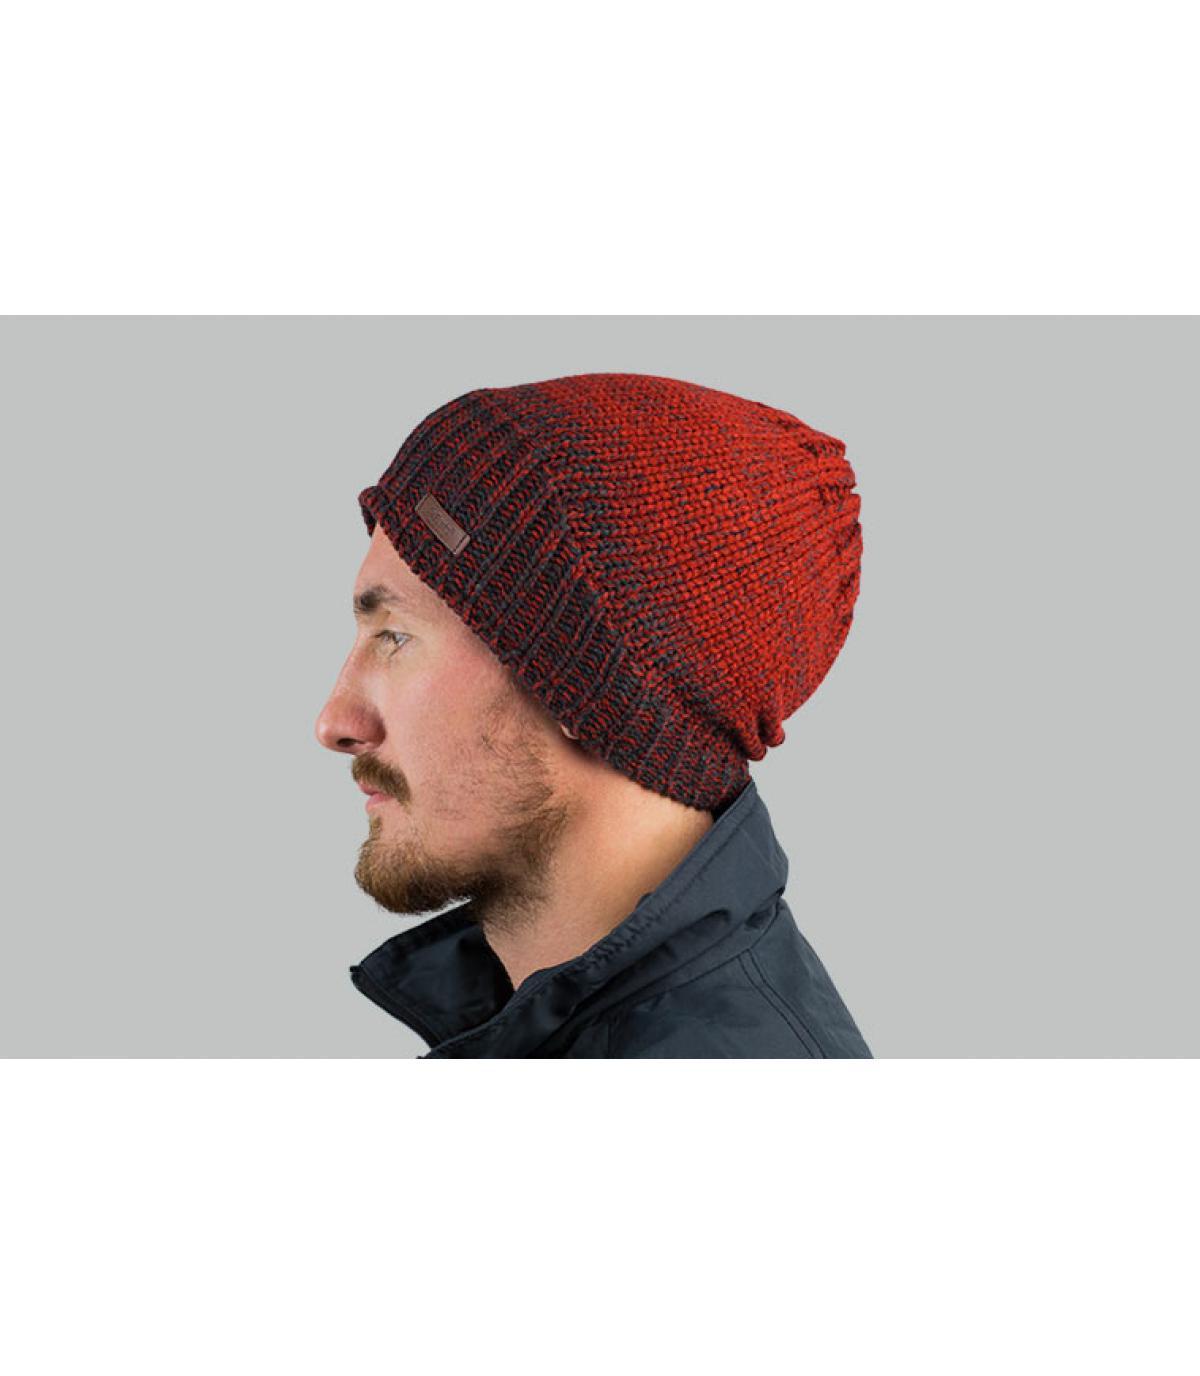 Lange Mütze Abstufung bordeaux